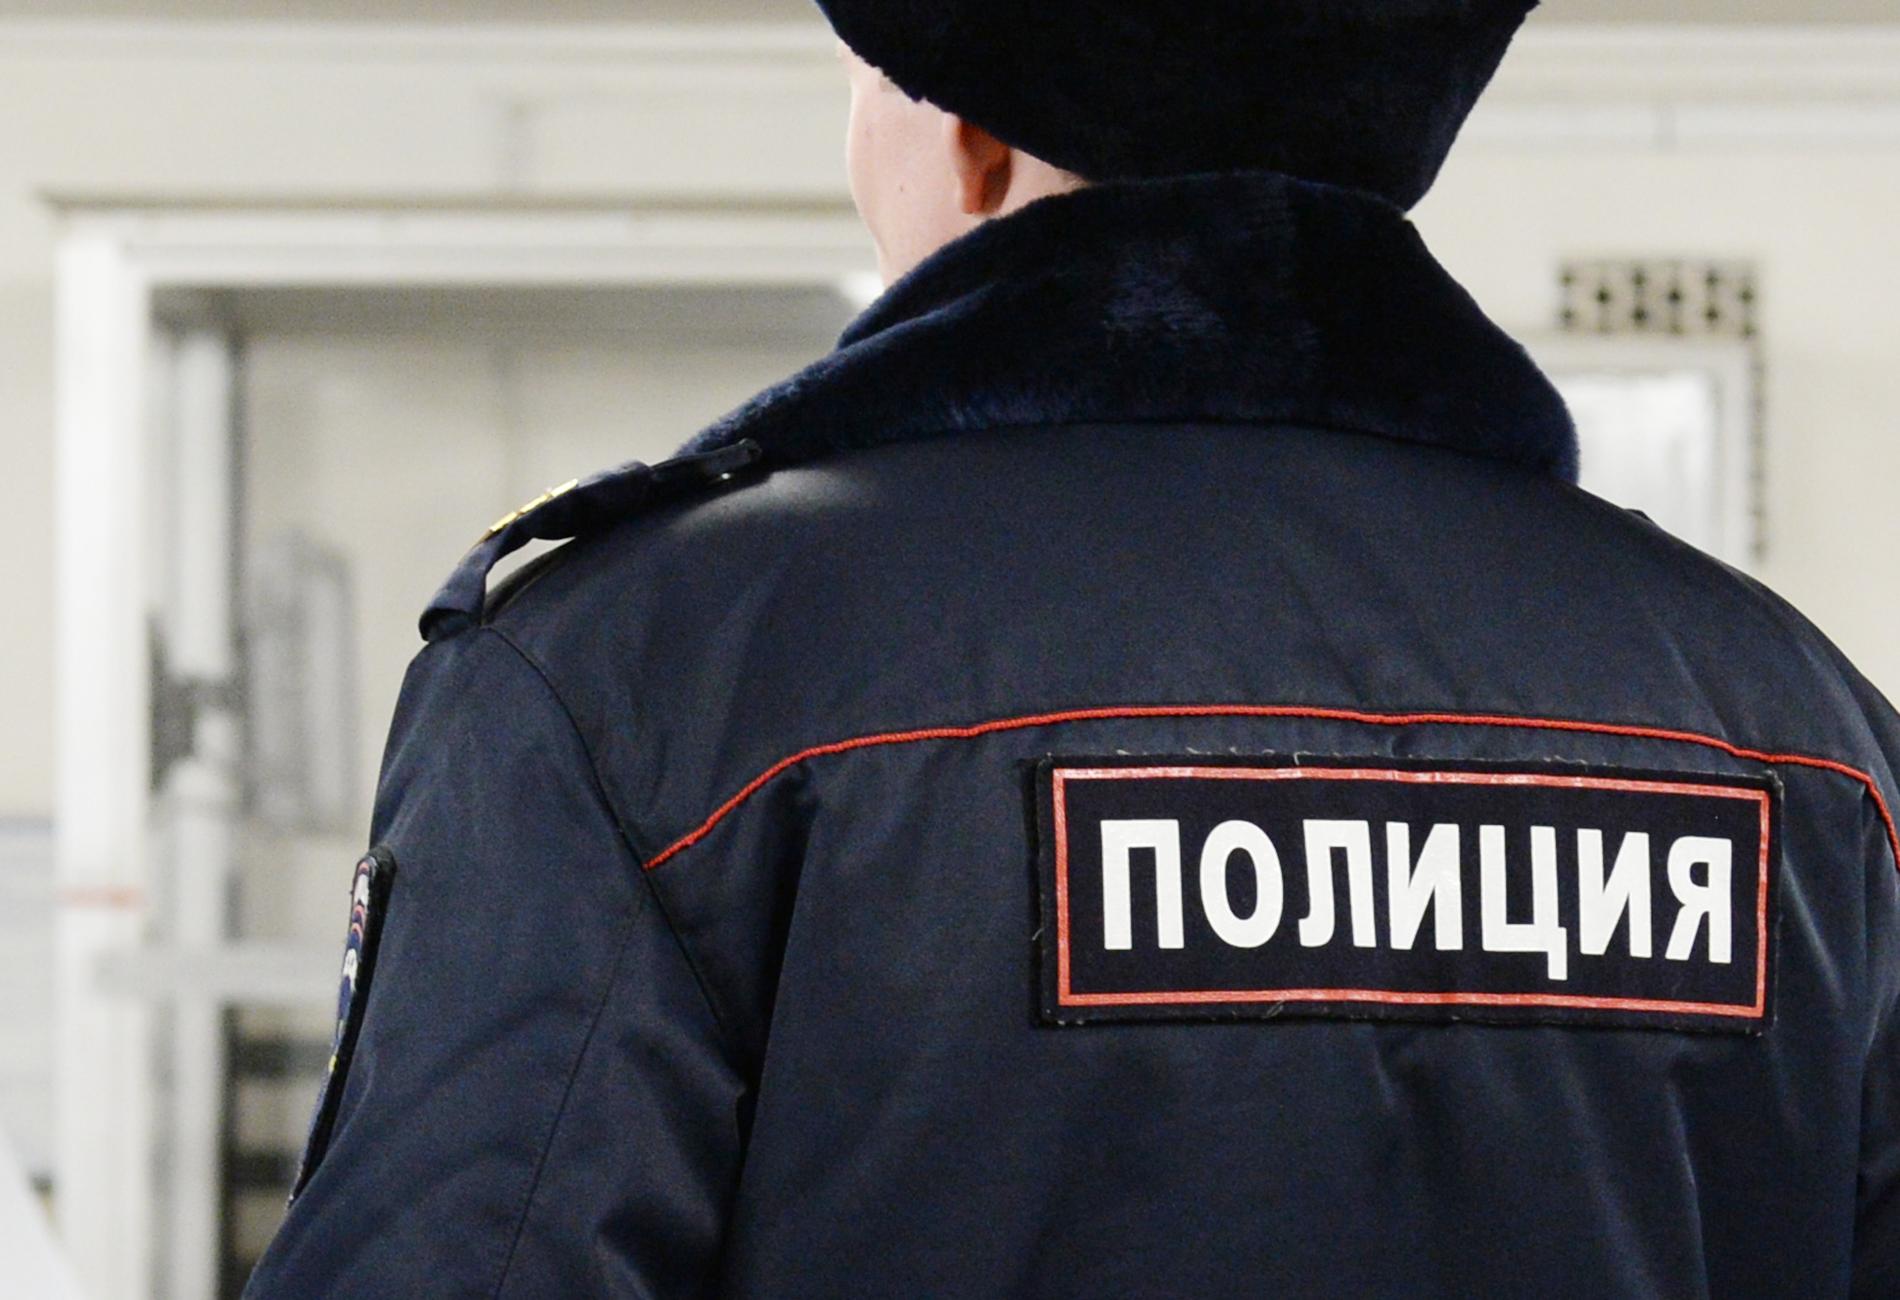 Российского полицейского заподозрили в изнасиловании 16